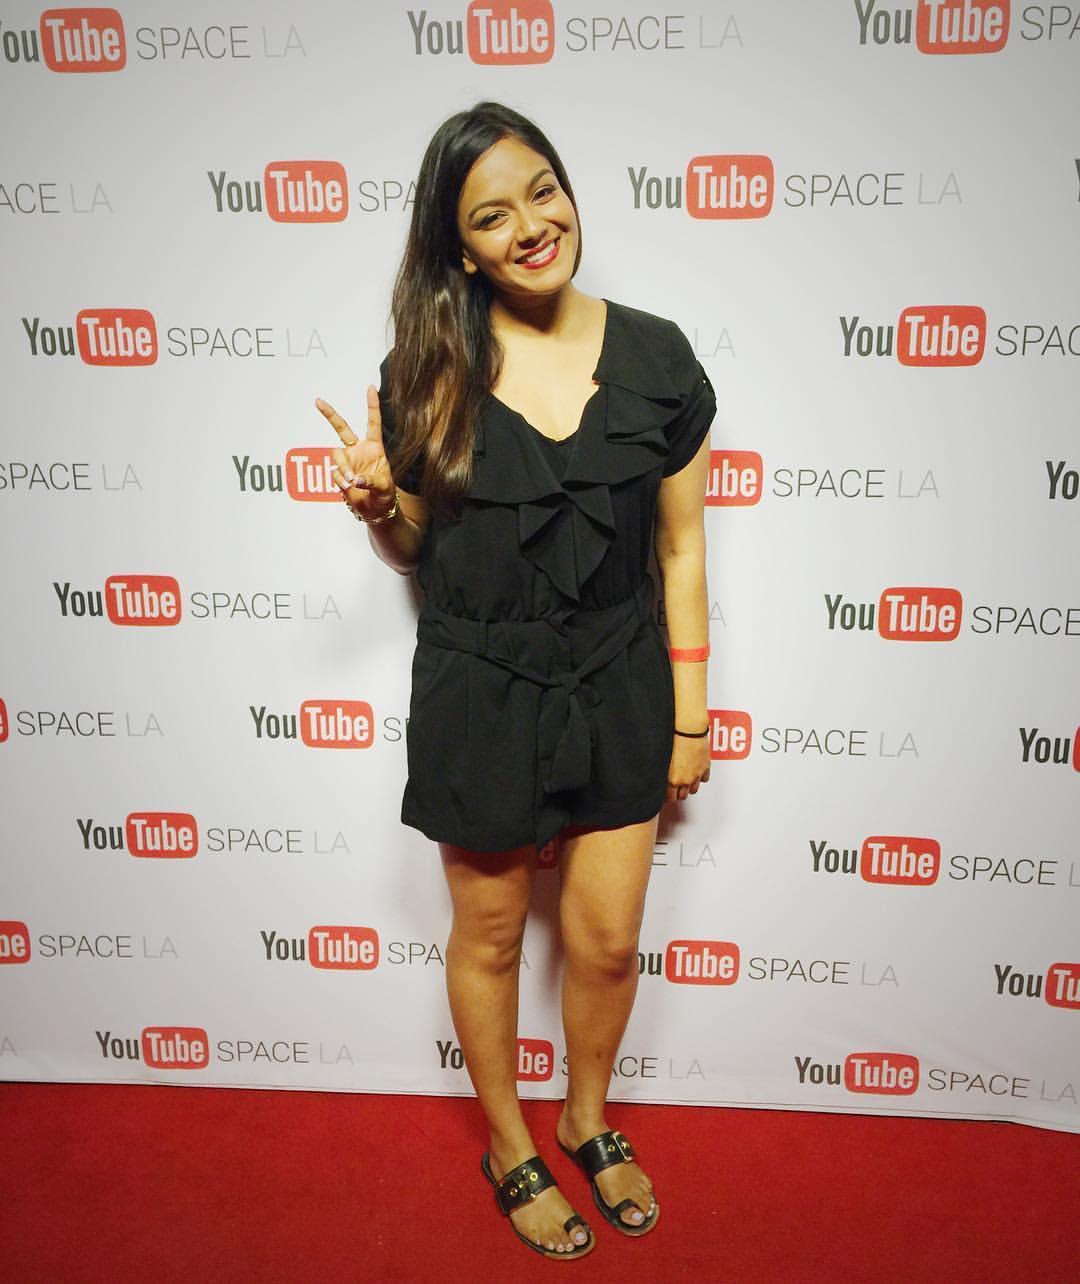 YouTubeSpaceLA.jpg